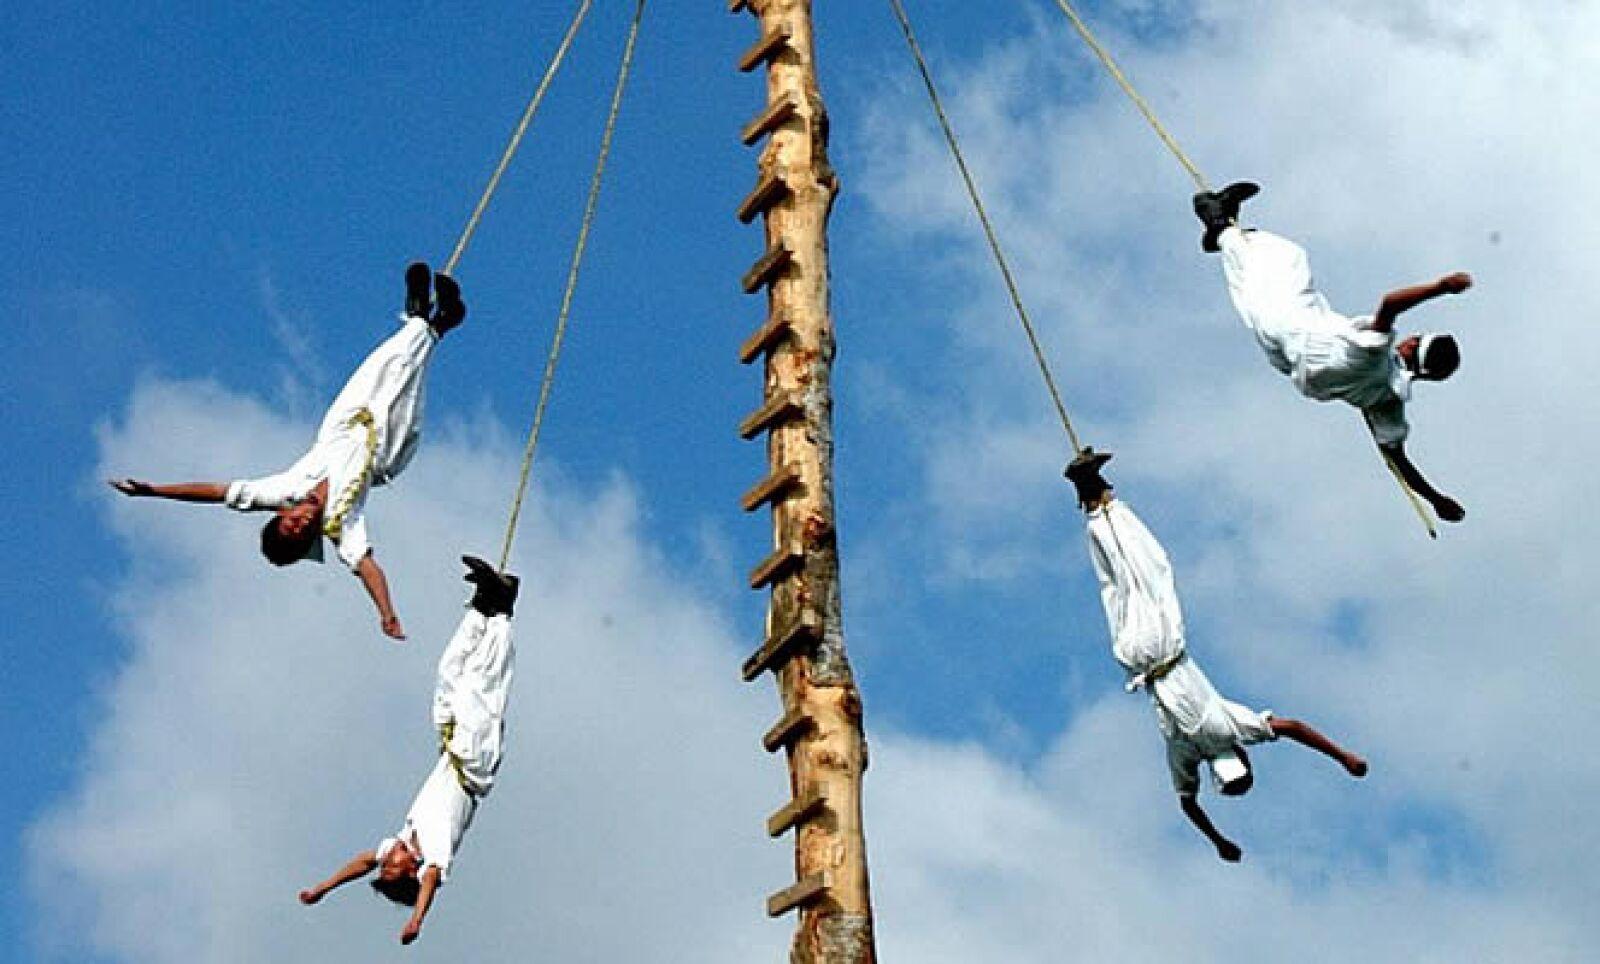 La ceremonia ritual de los voladores de Papantla, Veracruz, fue reconocida por la UNESCO como Patrimonio Cultural Intangible de la Humanidad.